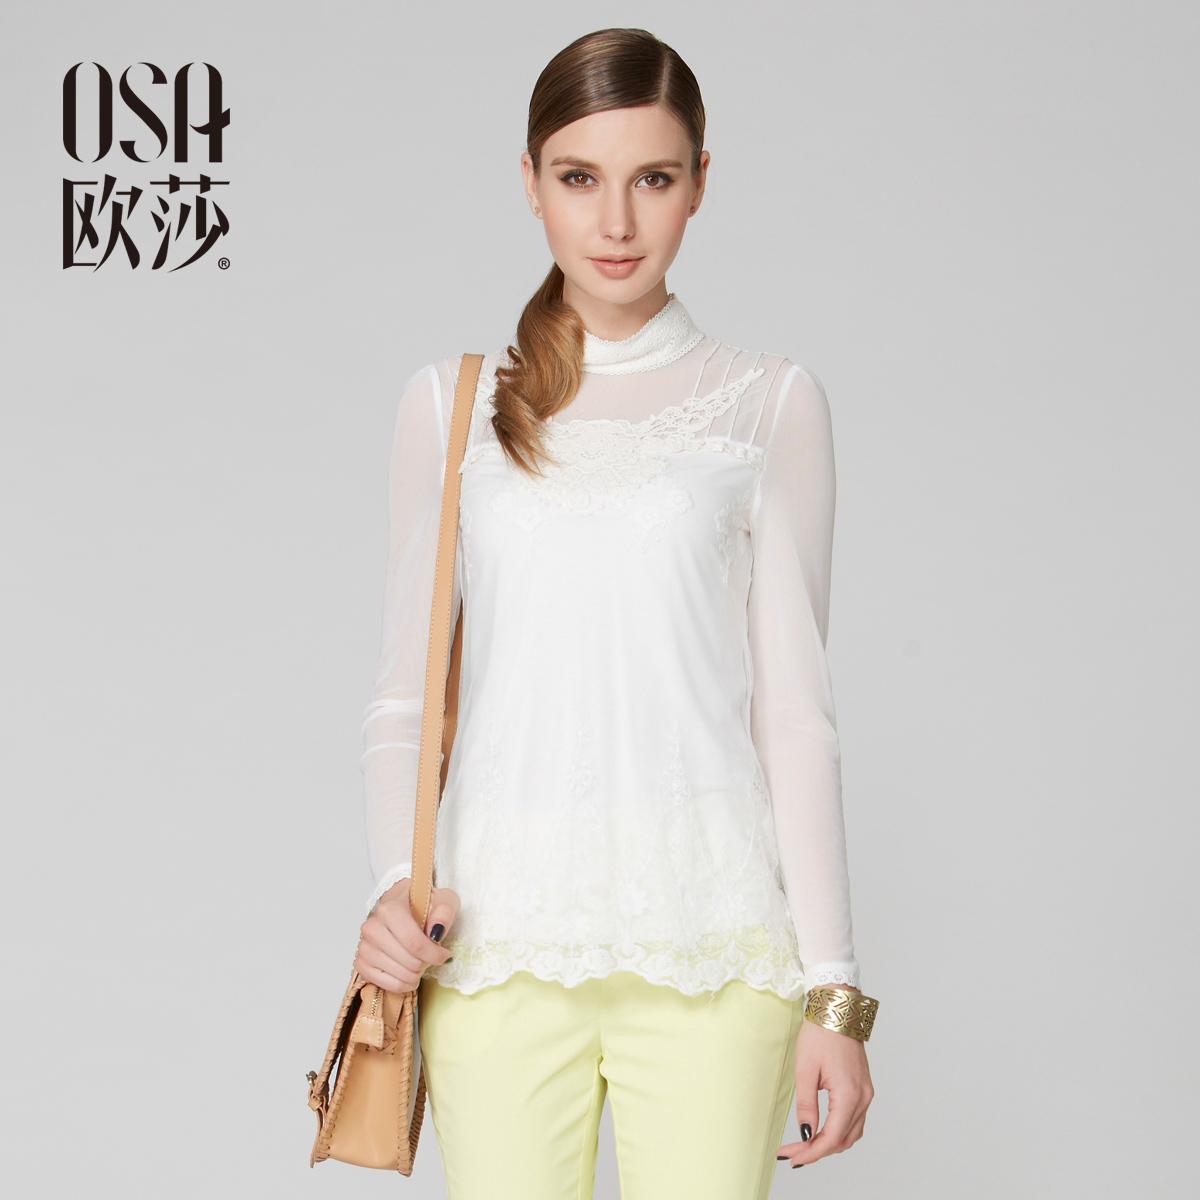 Блузка OSA sv33229 2013 V33229